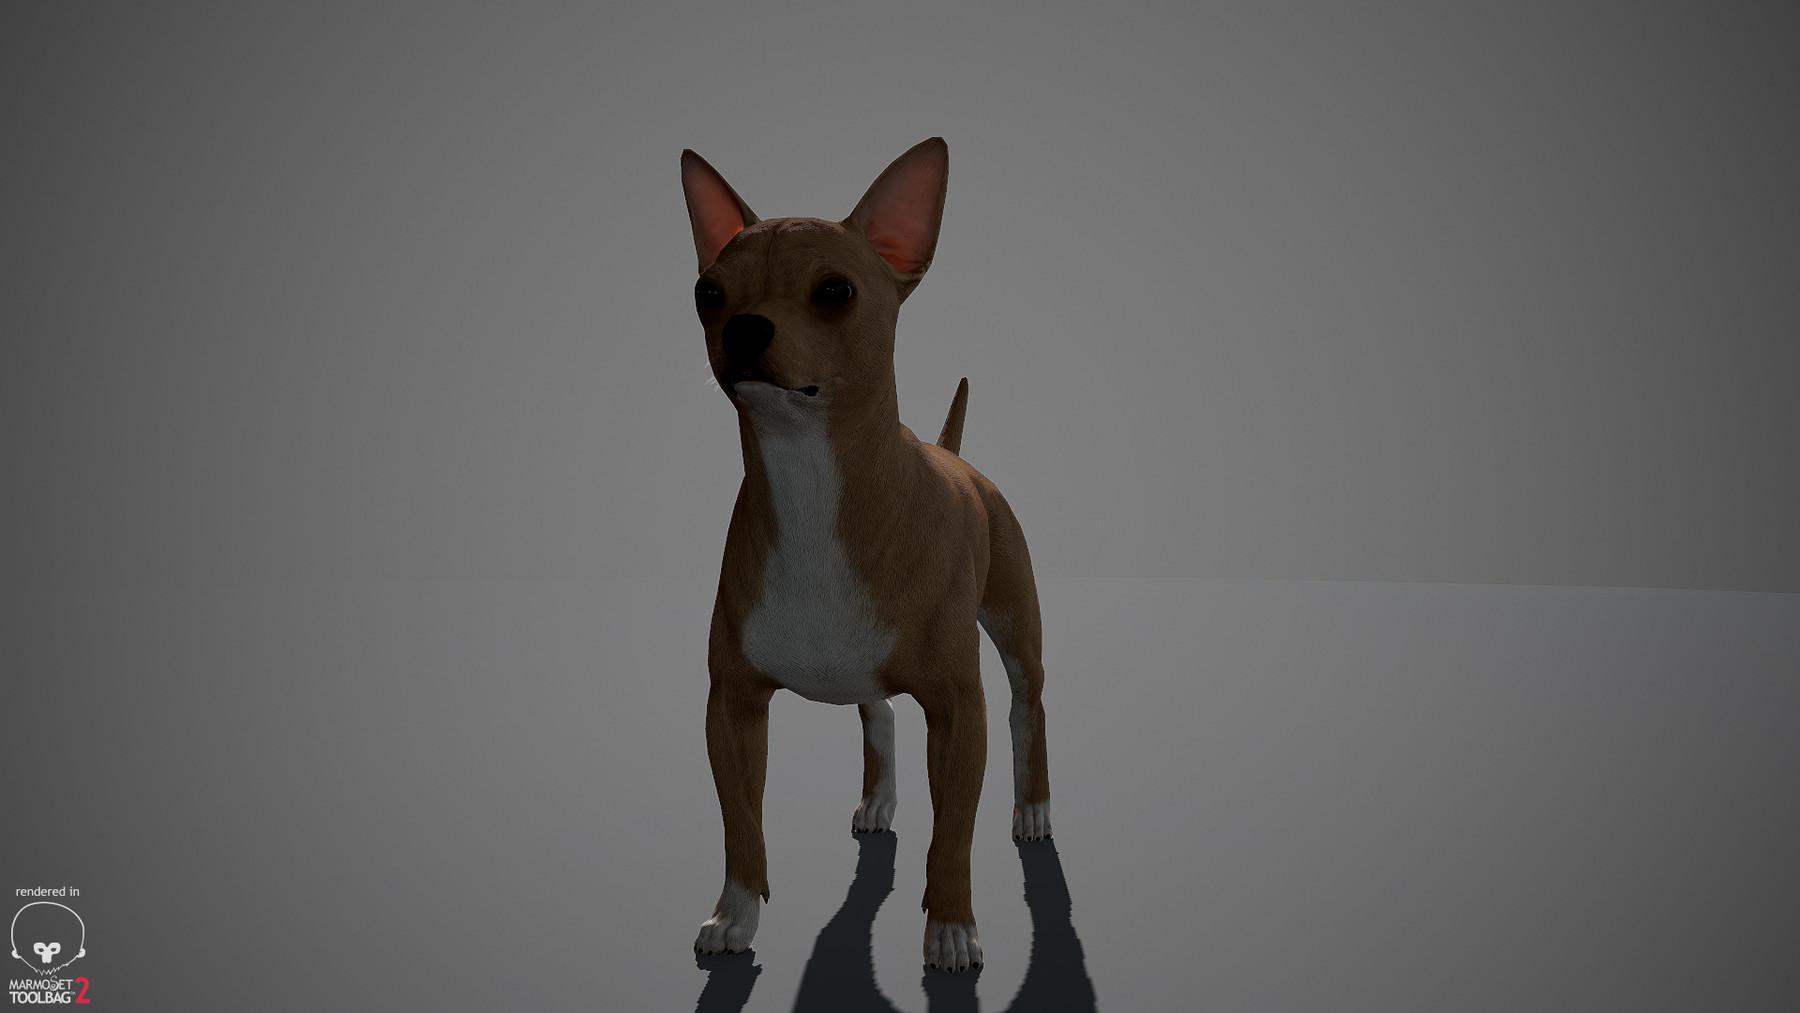 Chihuahua by alexlashko marmoset 08